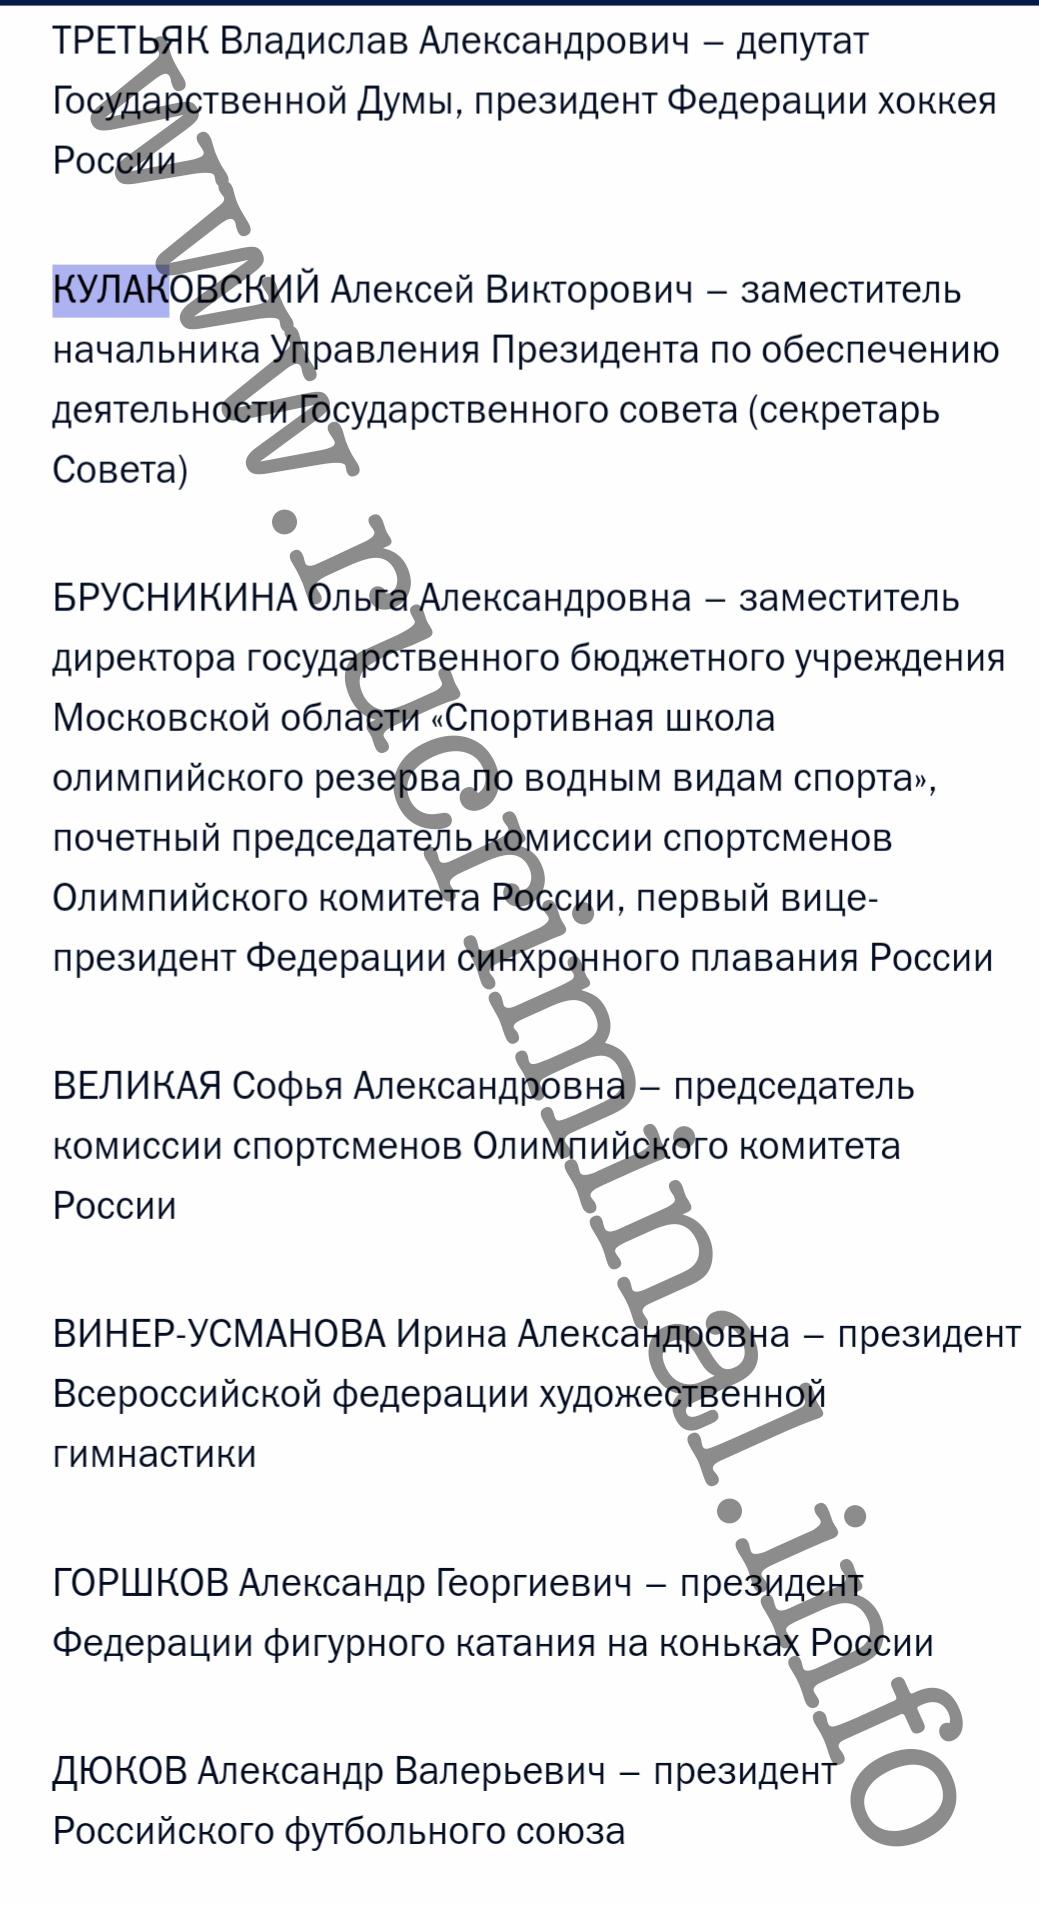 Теневой Кулаковский: «серый кардинал» Госсовета